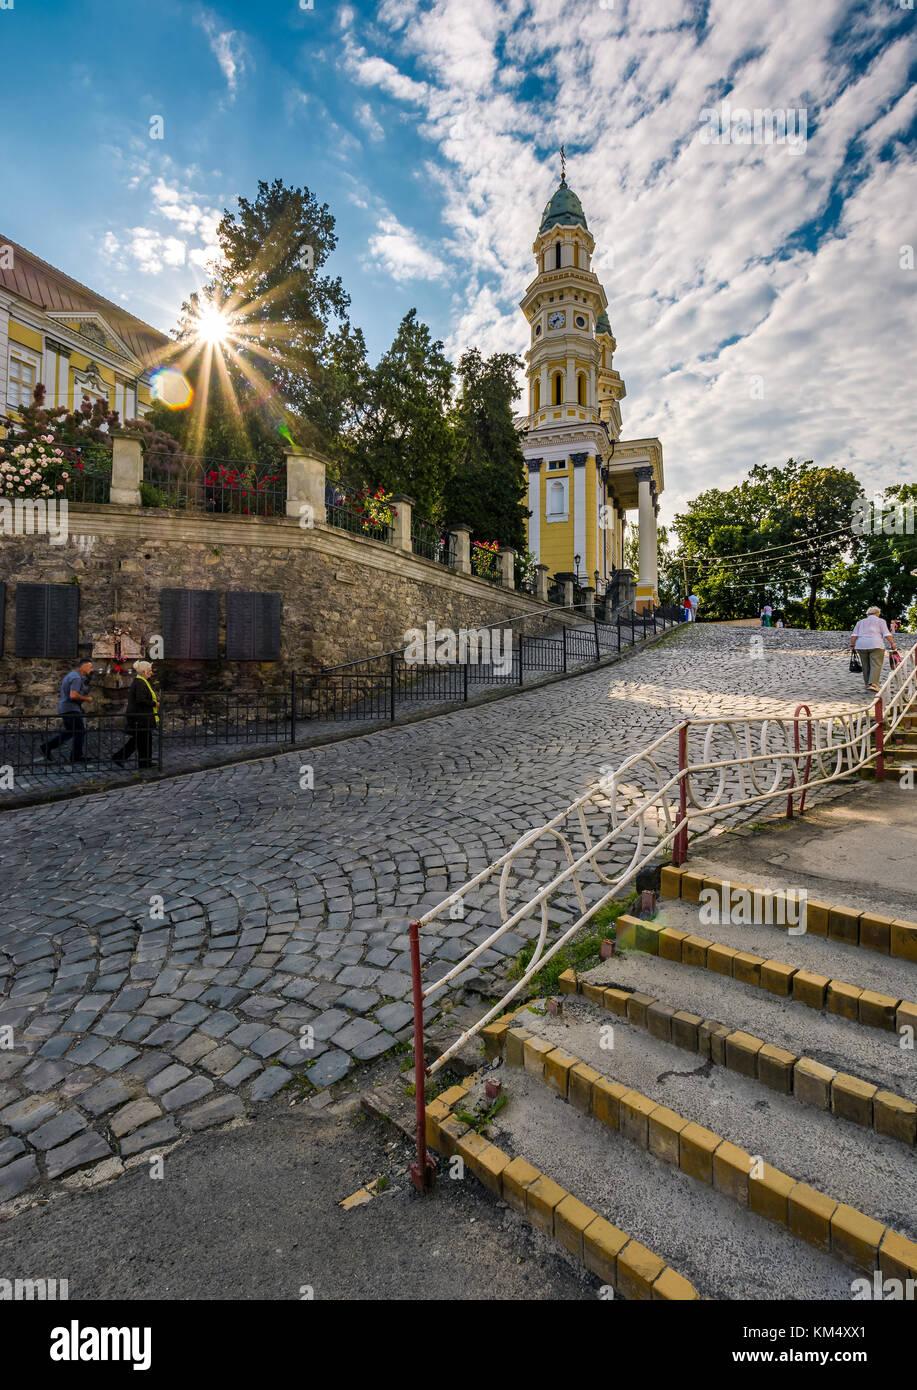 Uzhgorod, Ukraine - jun 11, 2017: les gens monter au greco cathédrale catholique. la vie quotidienne Photo Stock